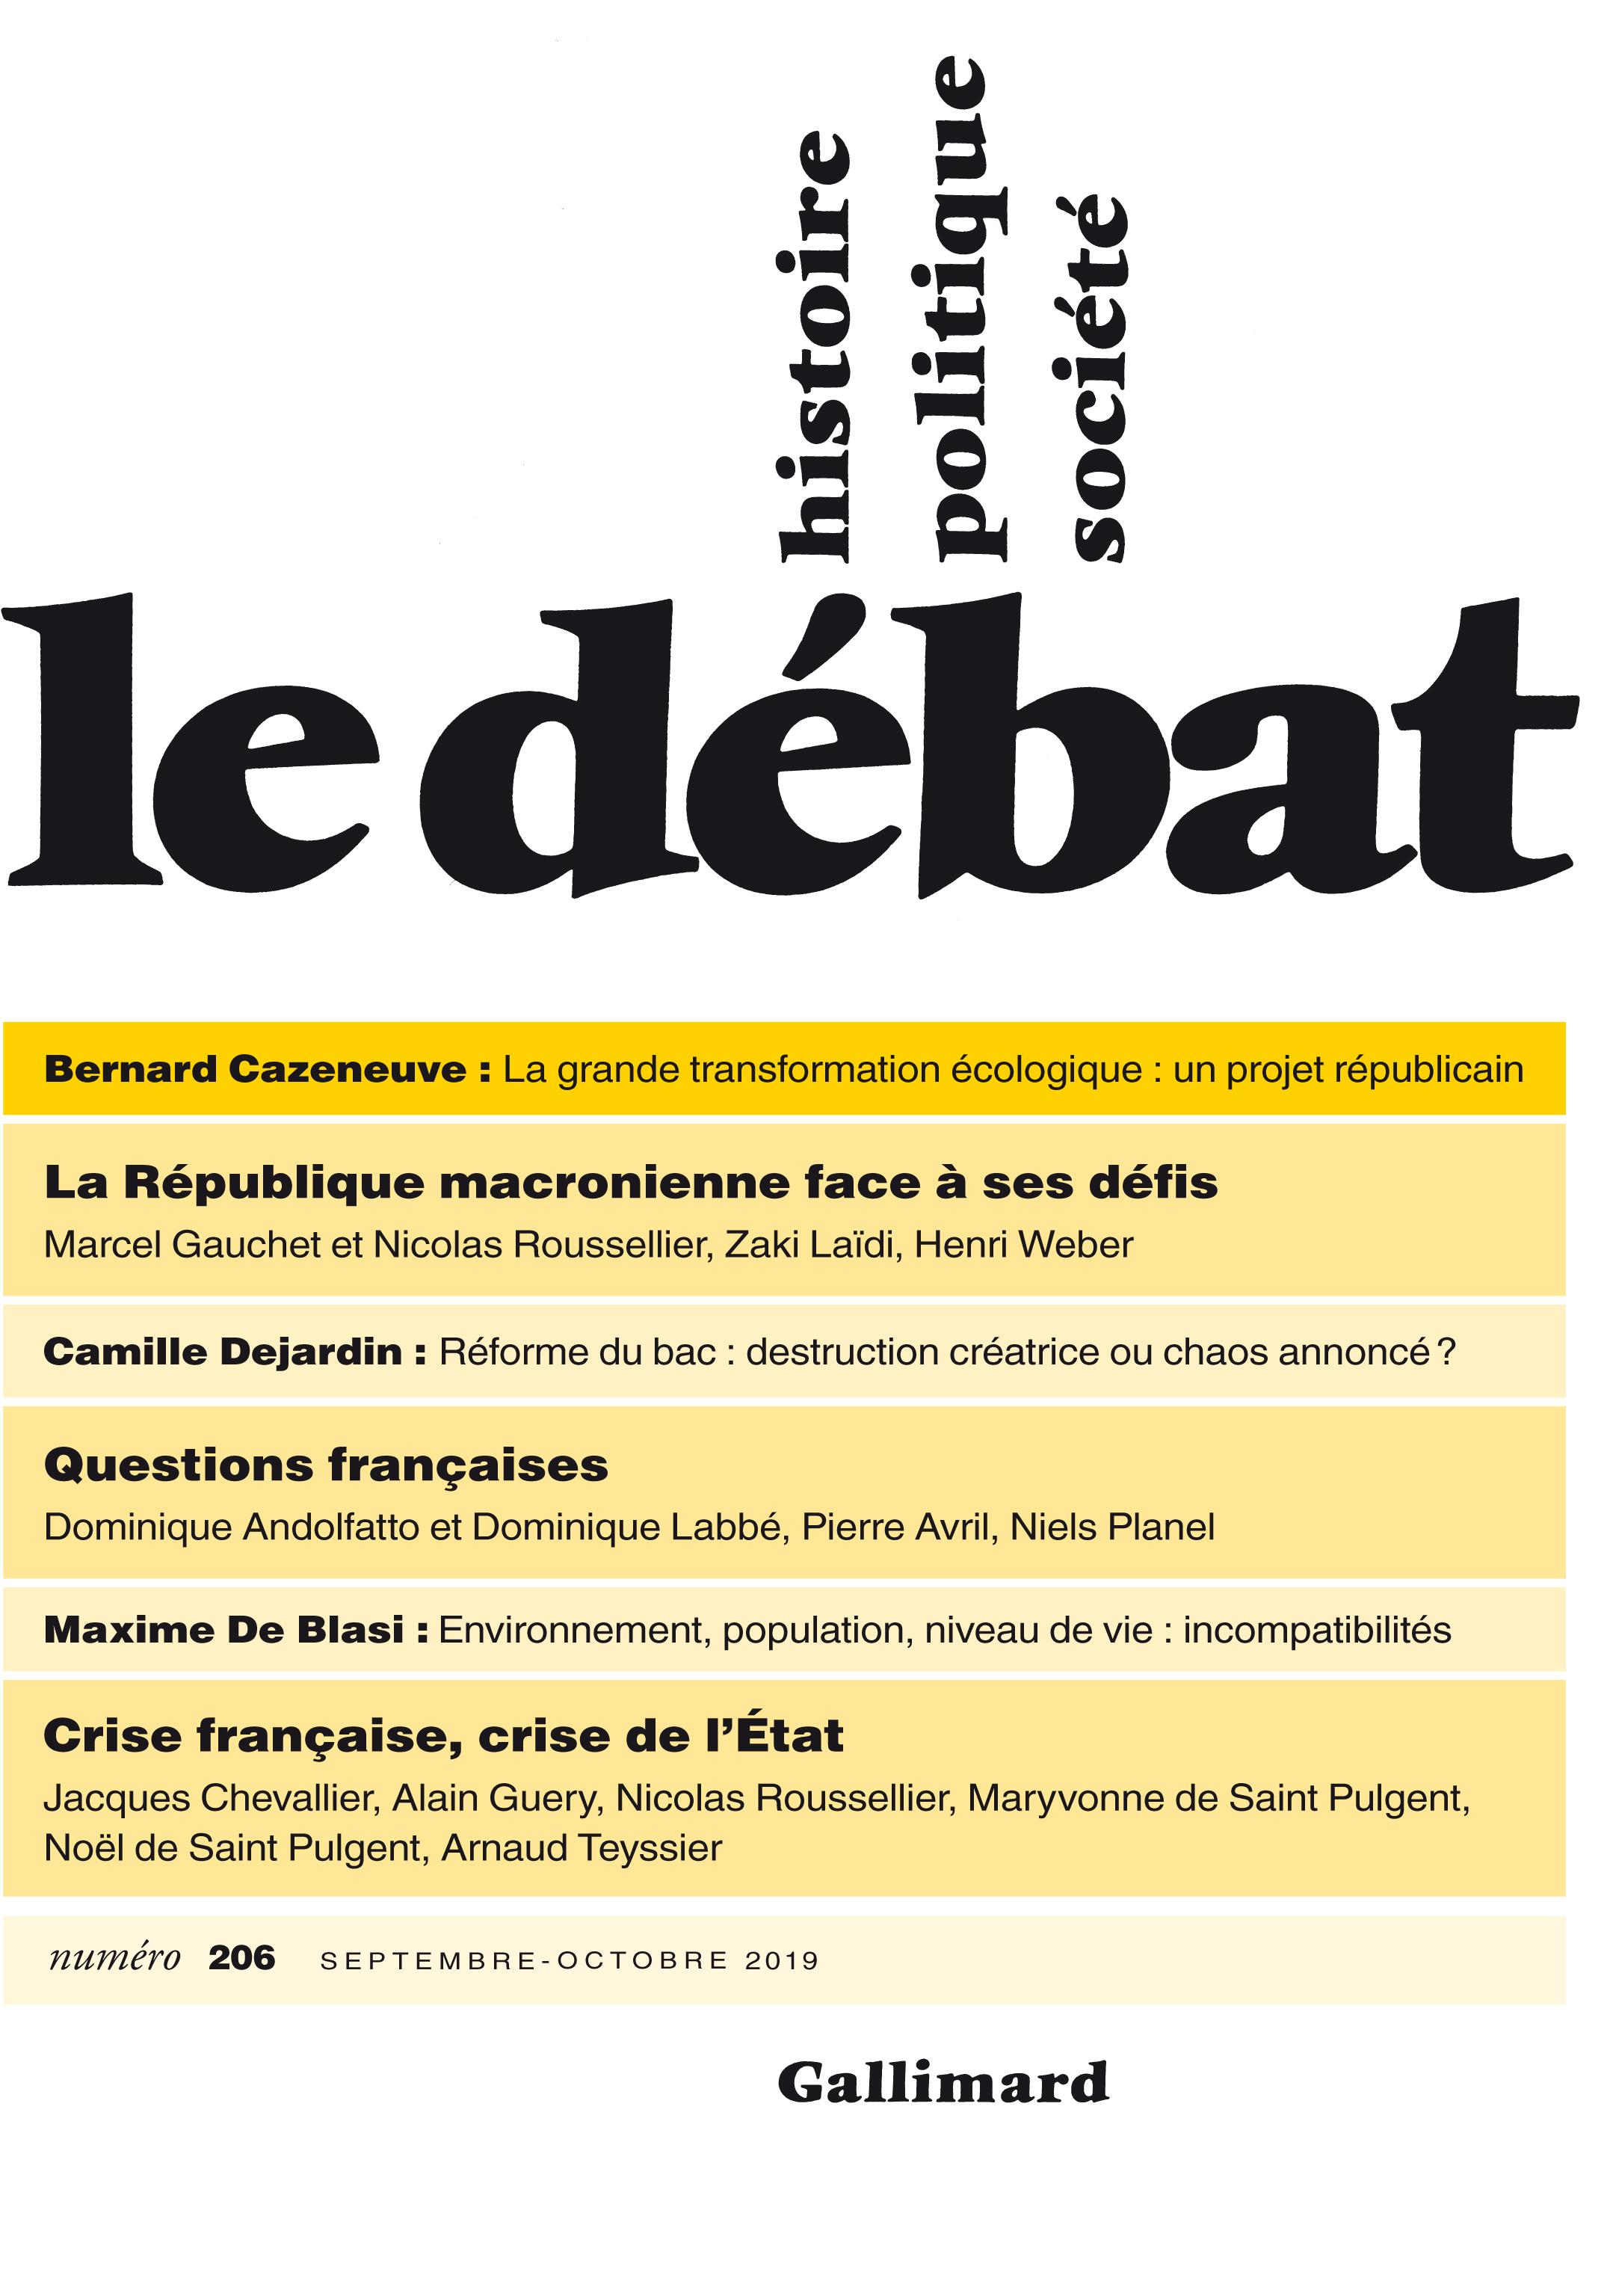 Le Débat N° 206 (Septembre - Octobre 2019)